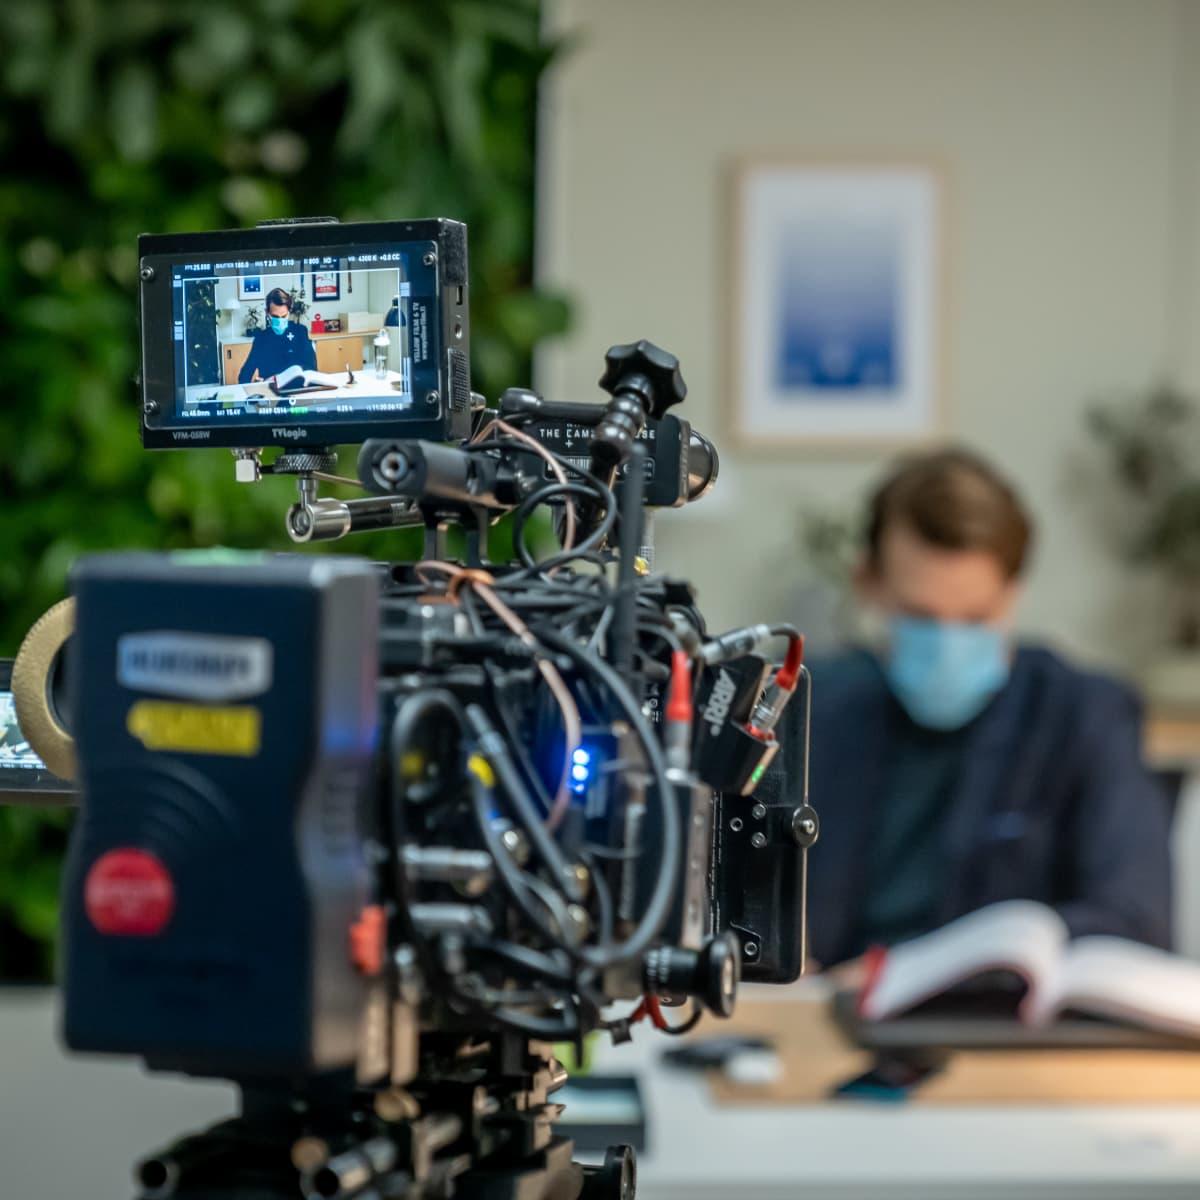 Näyttelijä Andrei Alén valmistautuu ottoon Yellow Film & TV:n tuottaman poliisisarjan Roban kuvauksissa, näyttelijä näkyy Arri Alexa Mini -kameran näytöllä, Helsinki, 12.1.2021.